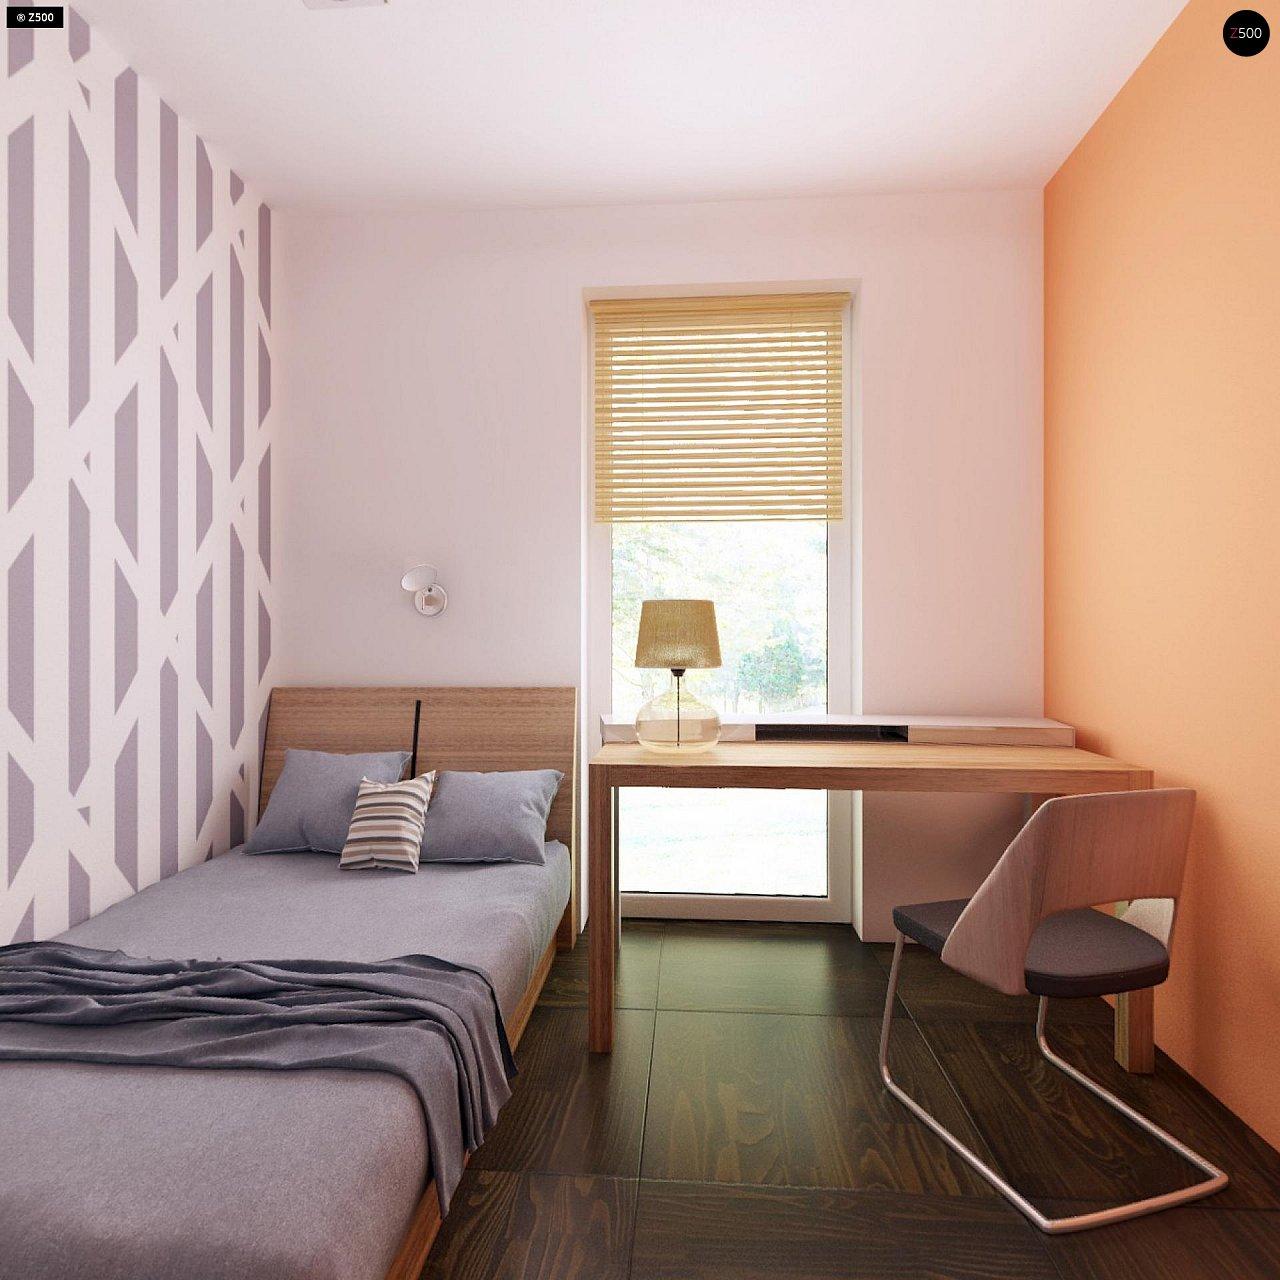 Дом традиционной формы с современными архитектурными дополнениями. Свободная планировка мансарды и антресоль над гостиной. 20